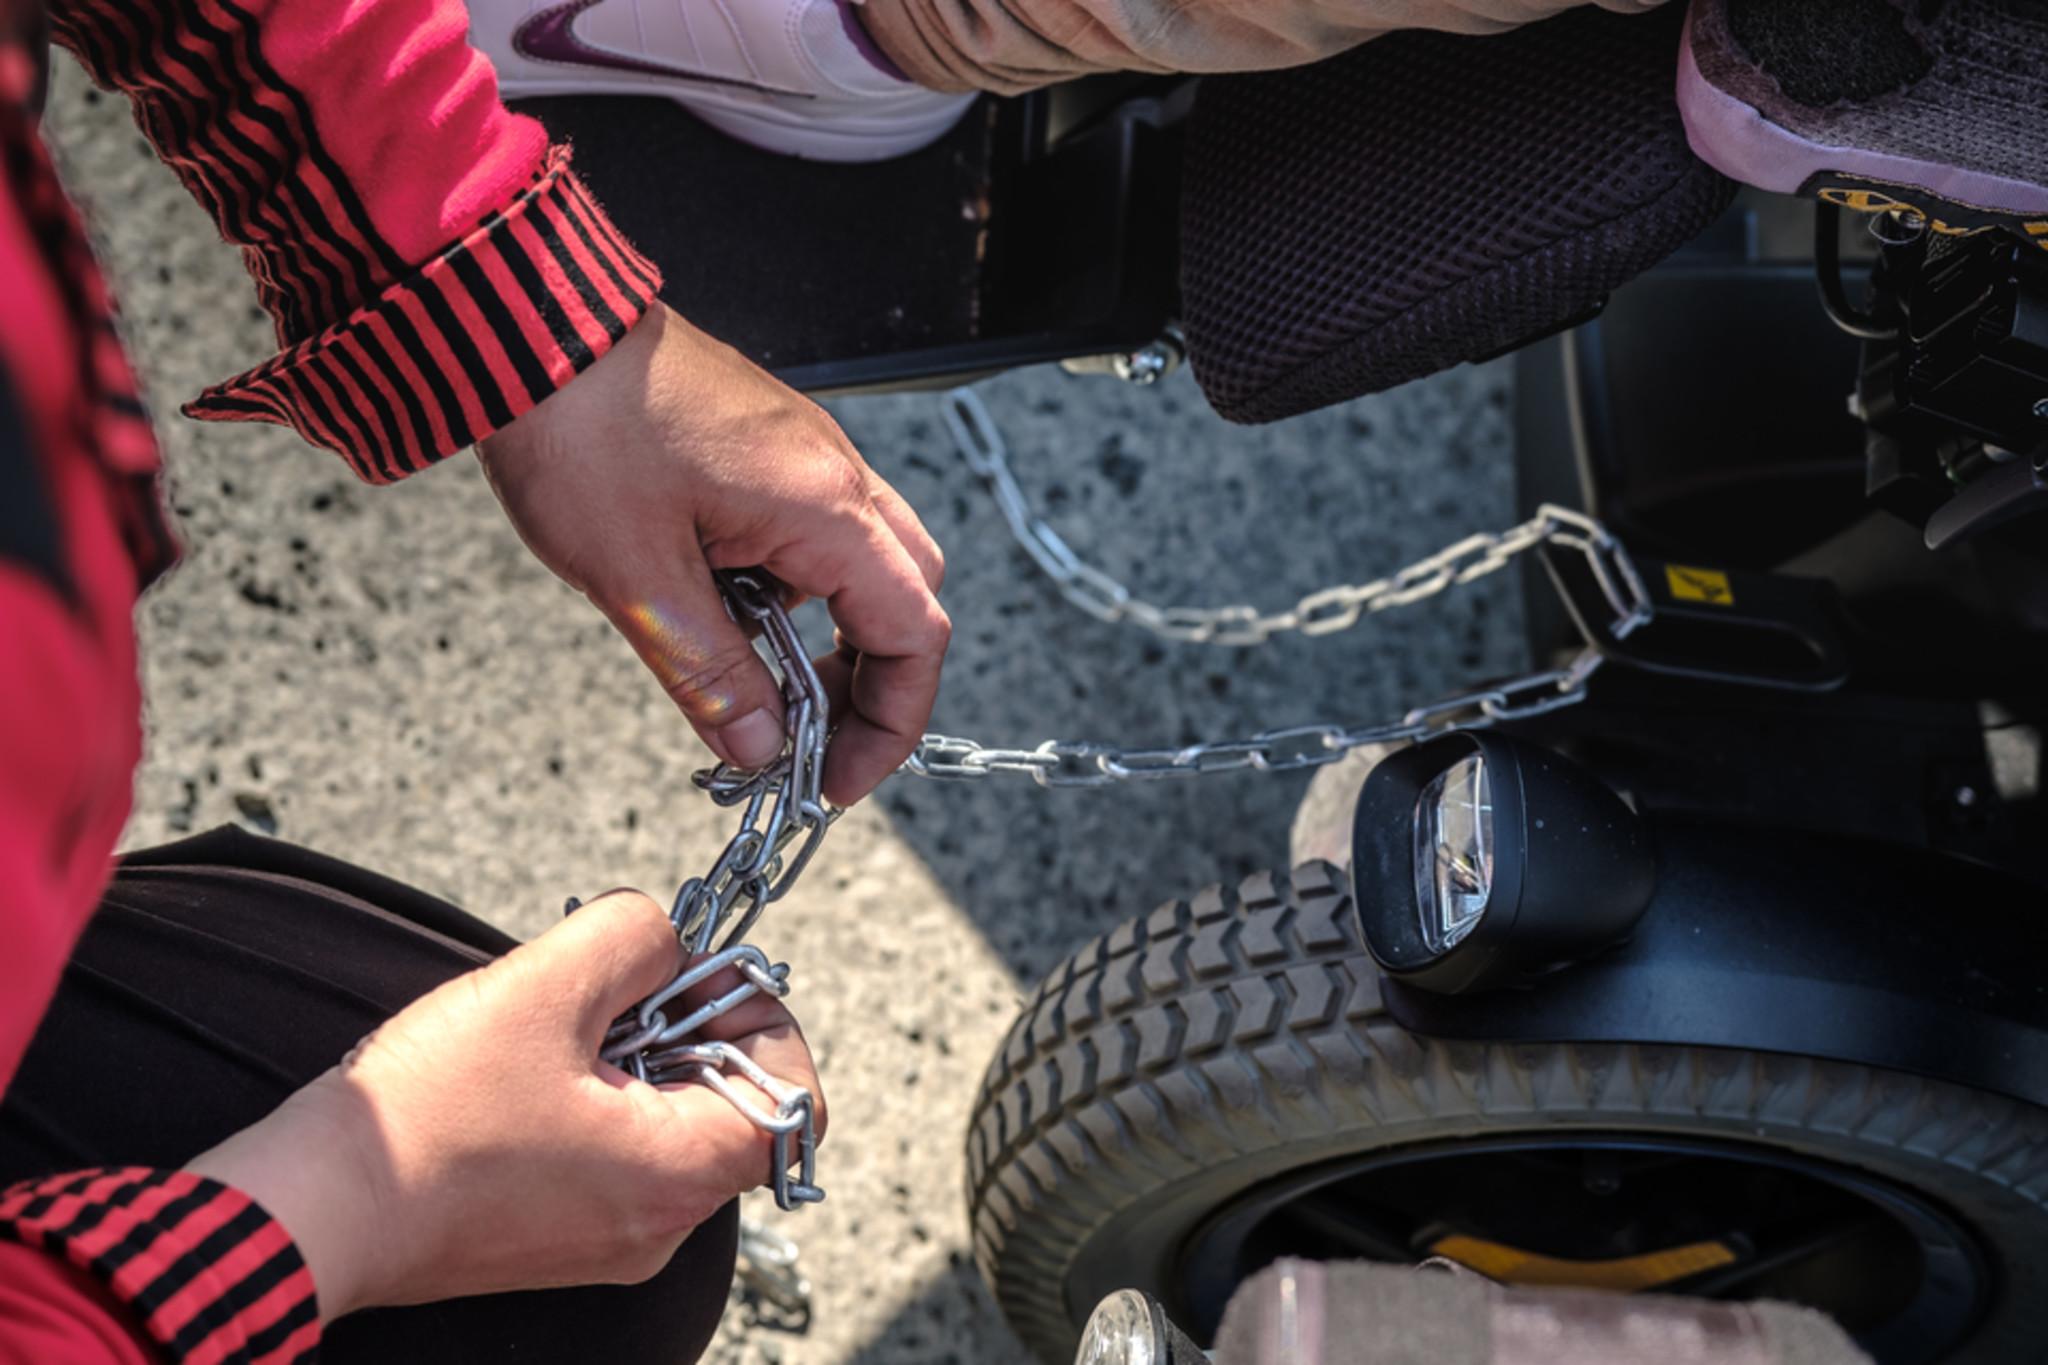 ein Rollstuhlrat ist zu sehen und eine weiße Hand, die eine Ankerkette um das Rollstuhlrad anbringt.